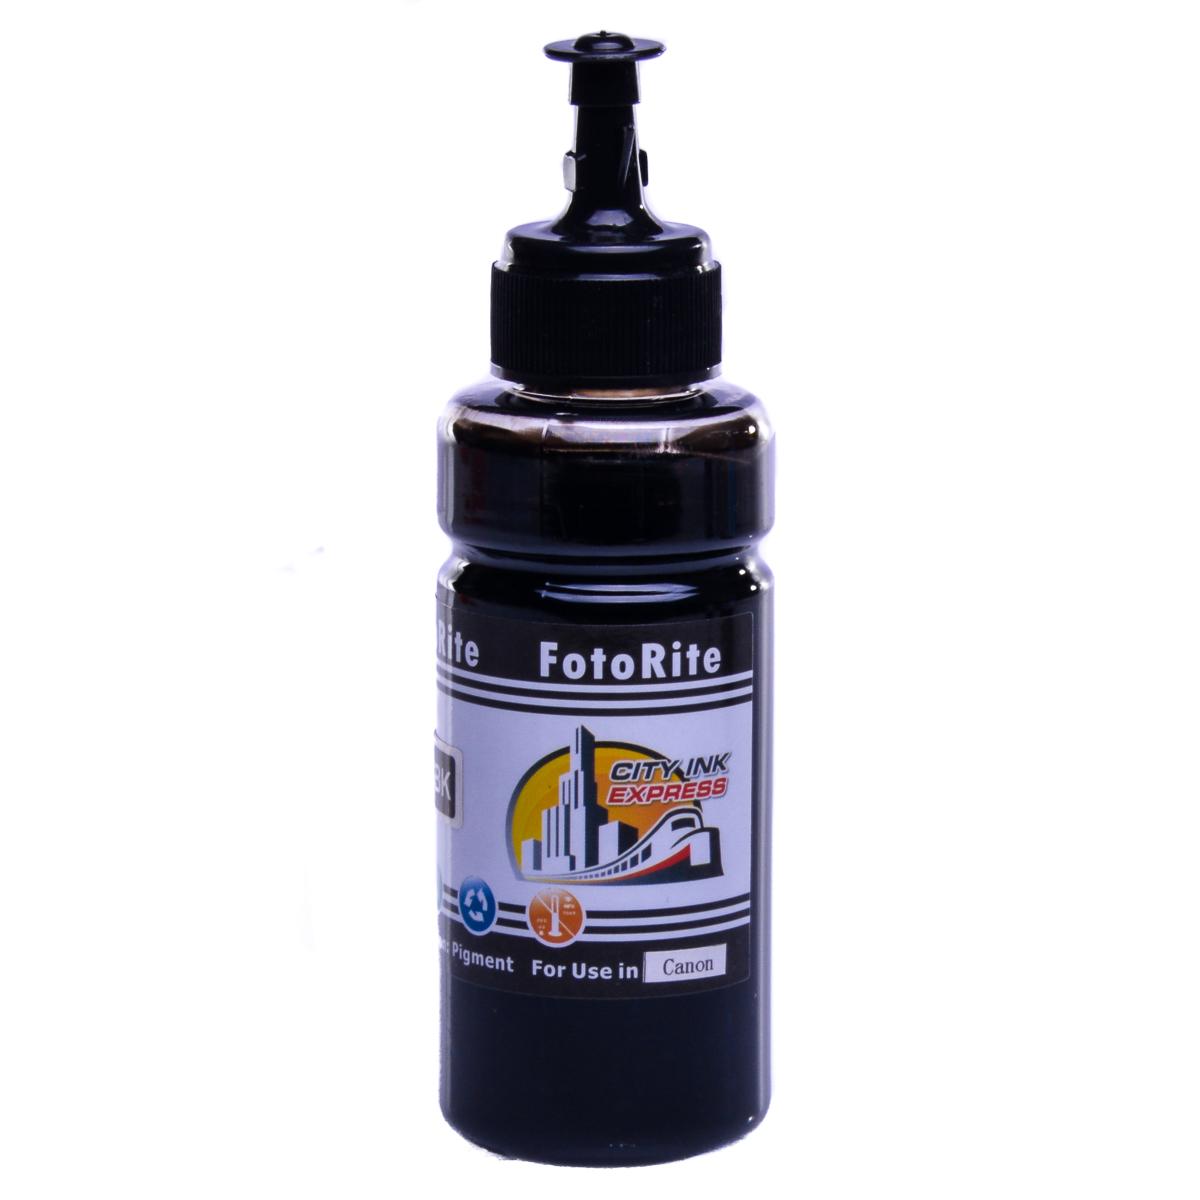 Cheap Pigment Black pigment ink replaces Canon Pixma MP495 - PG-512